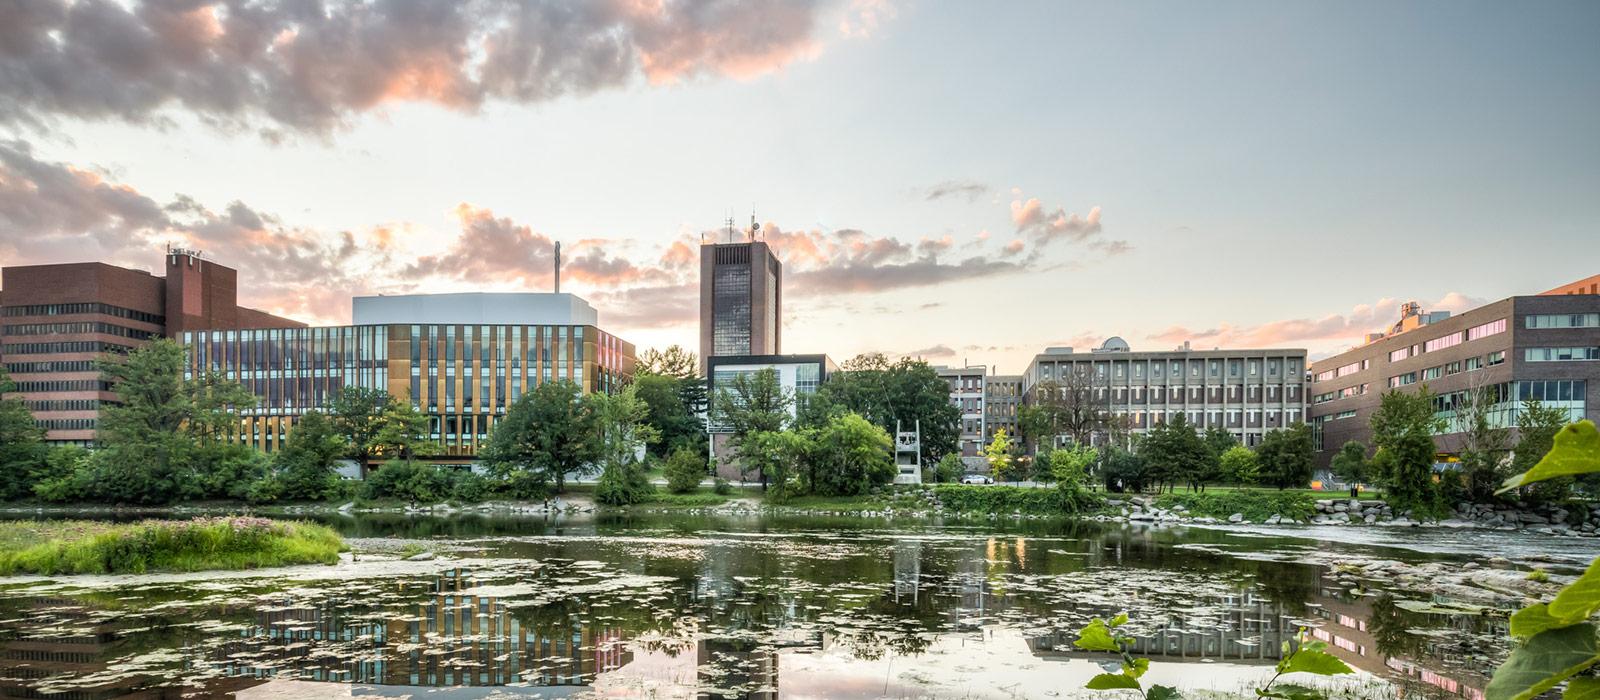 Carleton University campus